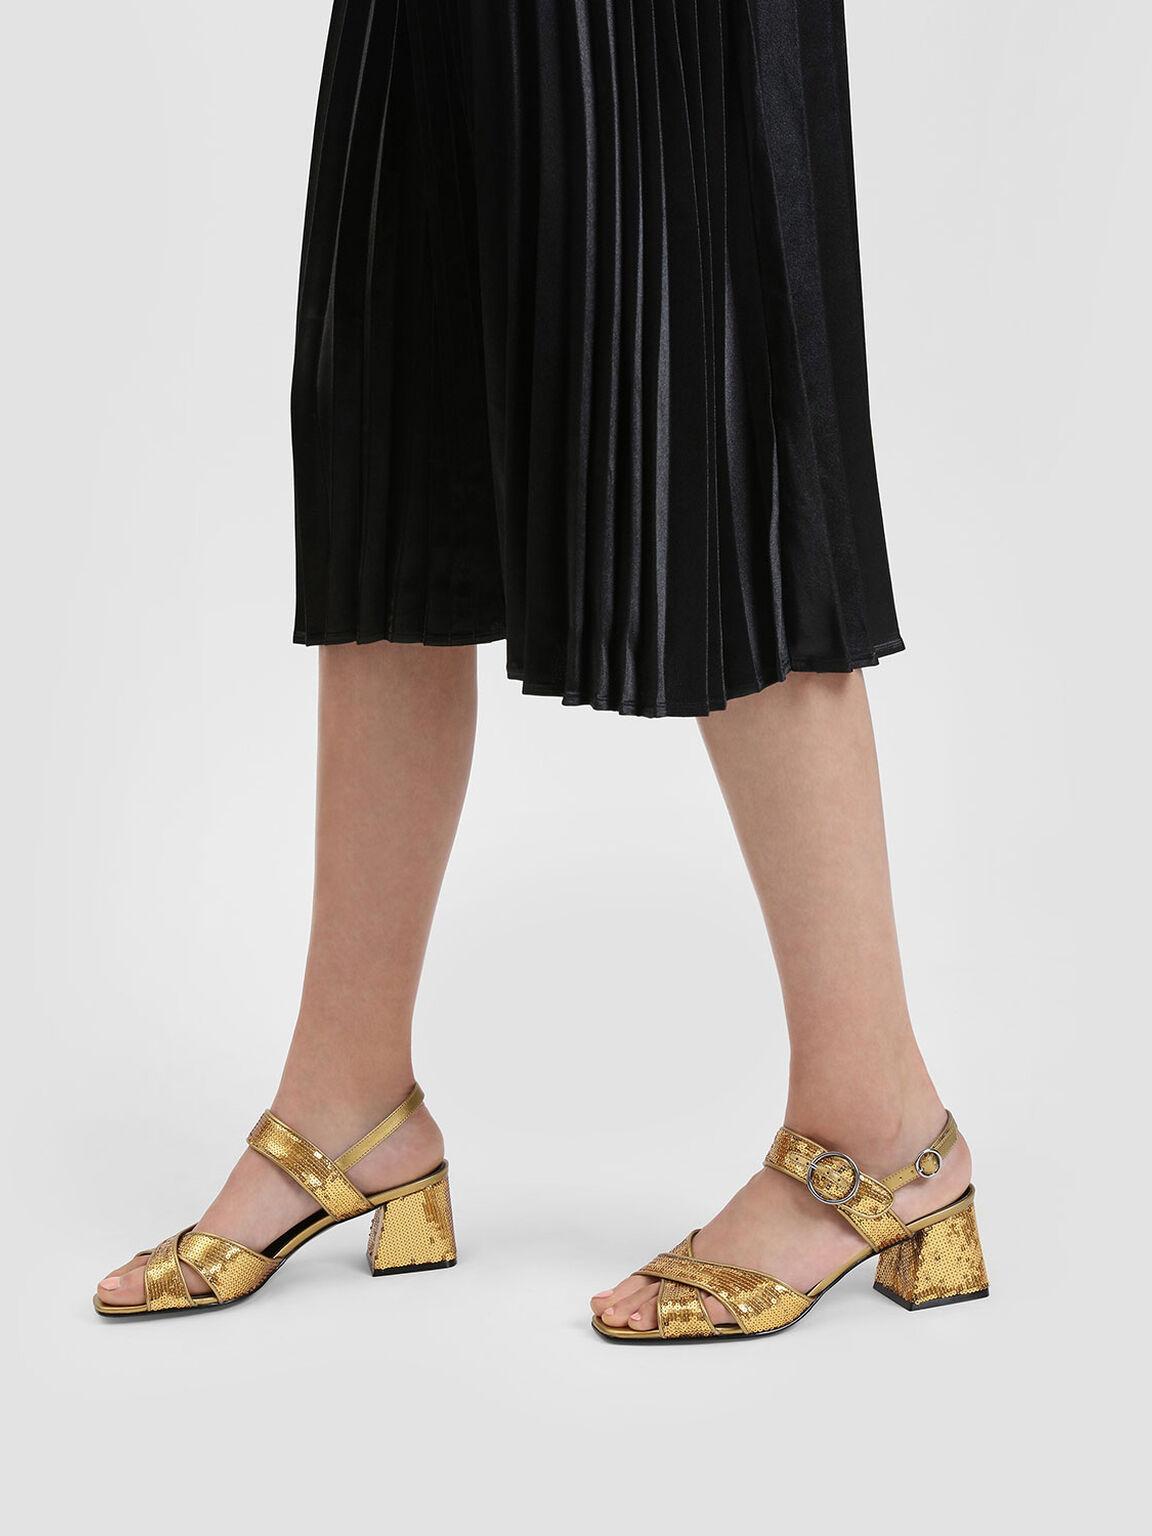 Sequin Detail Heeled Sandals, Gold, hi-res